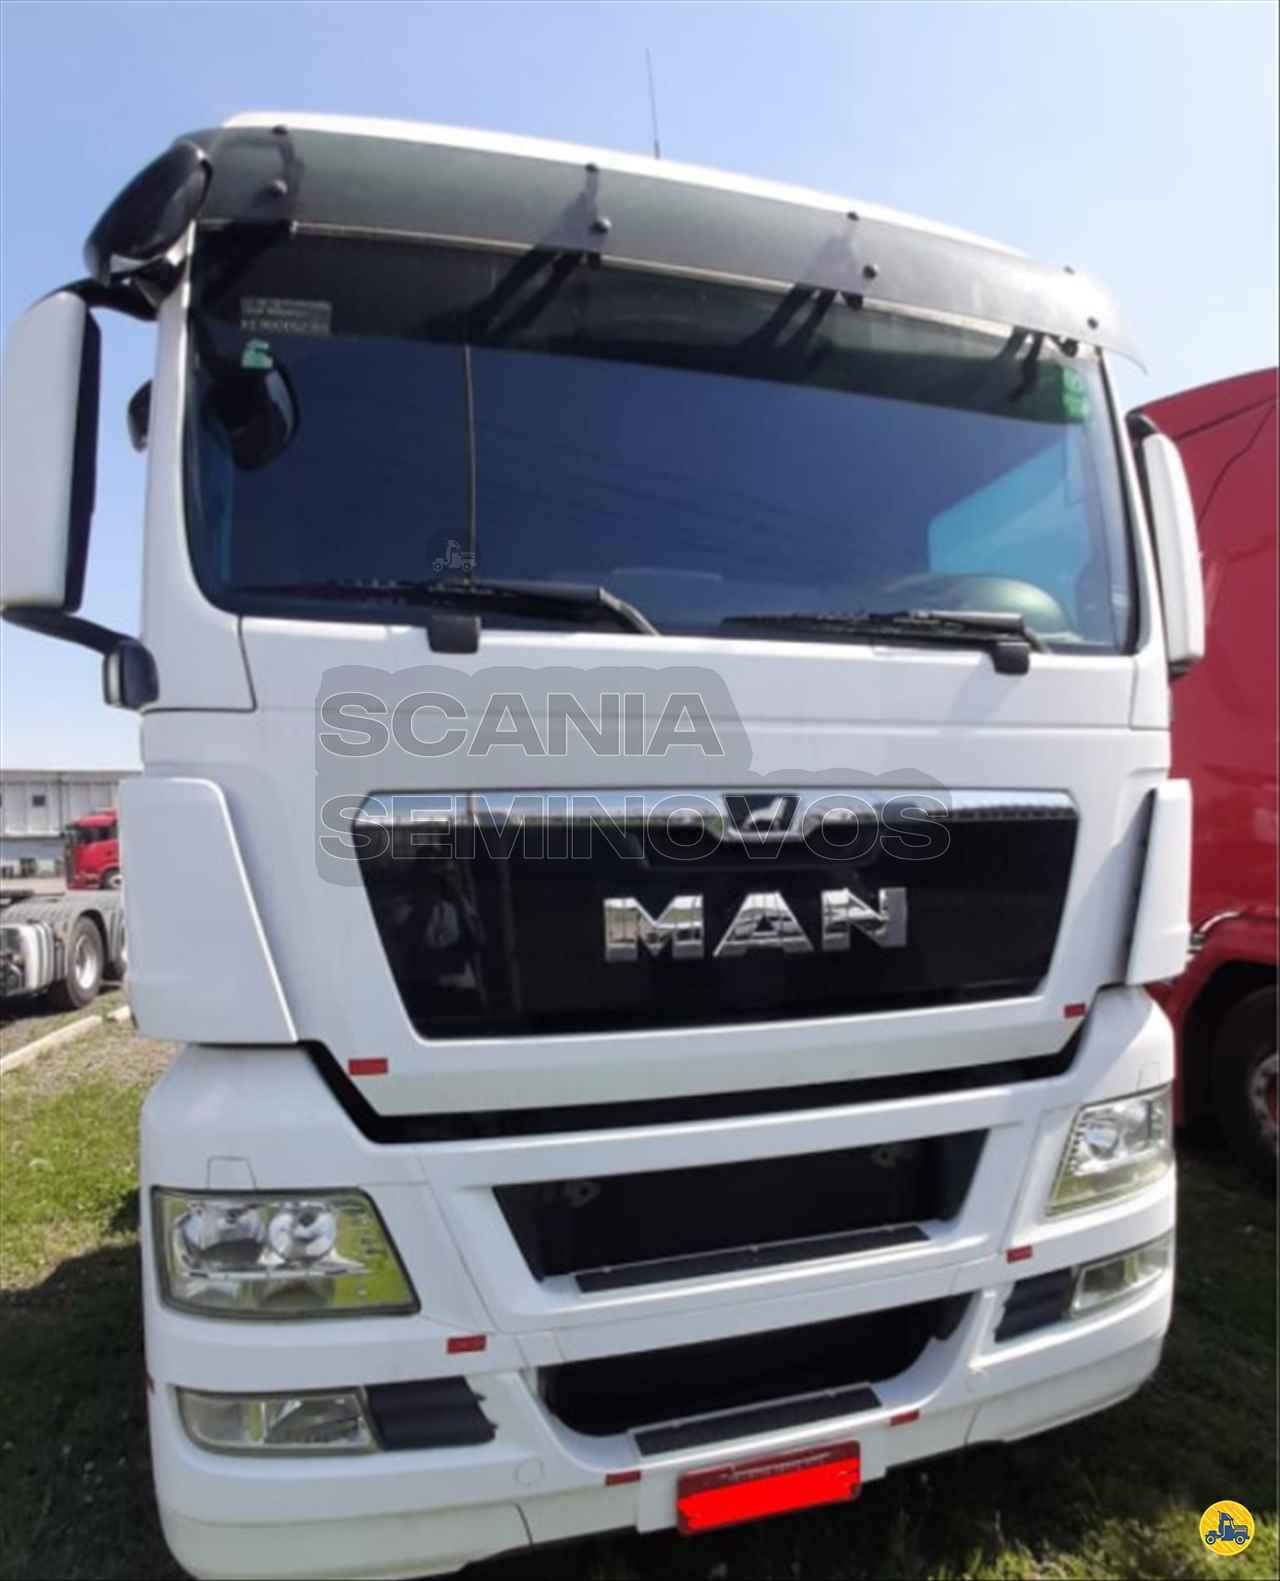 CAMINHAO MAN TGX 28 440 Conteiner 20 Pés Truck 6x2 Codema Seminovos - Scania GUARULHOS SÃO PAULO SP